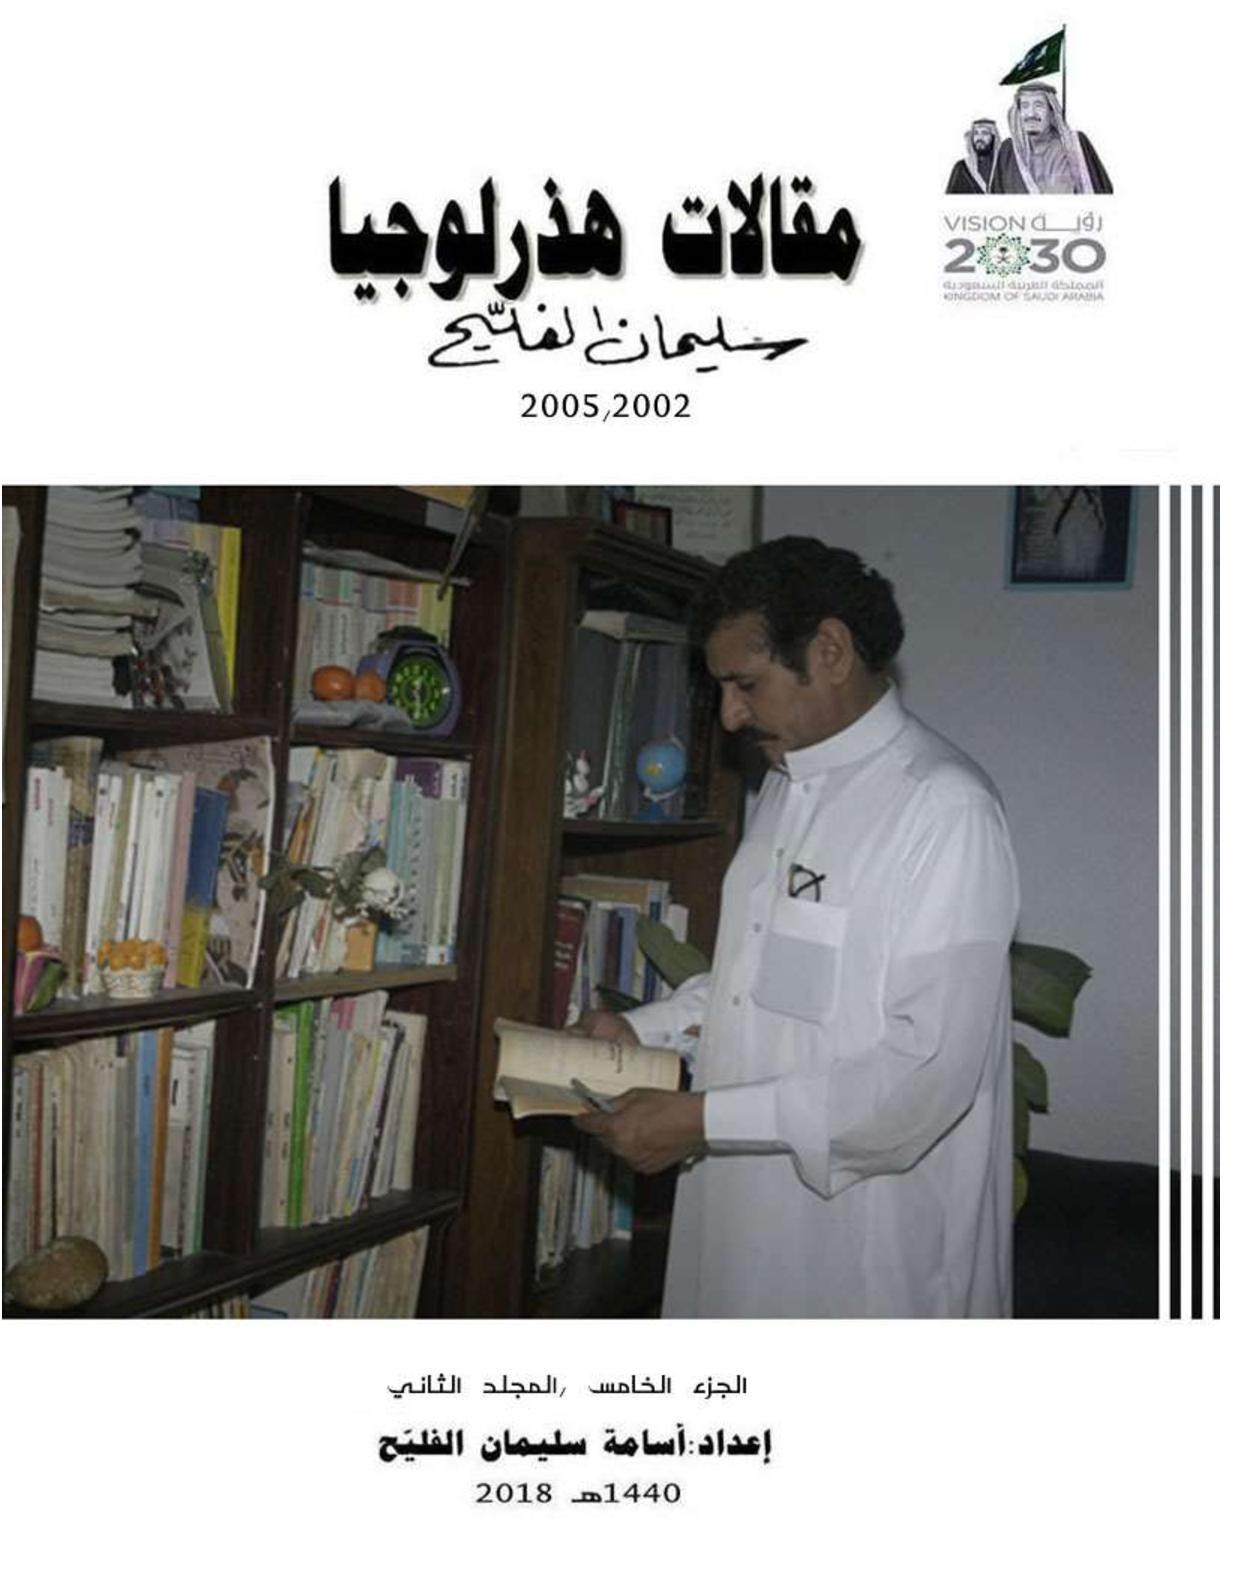 d8cc56c84 Calaméo - كتاب مقالات هذرلوجيا - الجزء الخامس/ المجلد الثاني